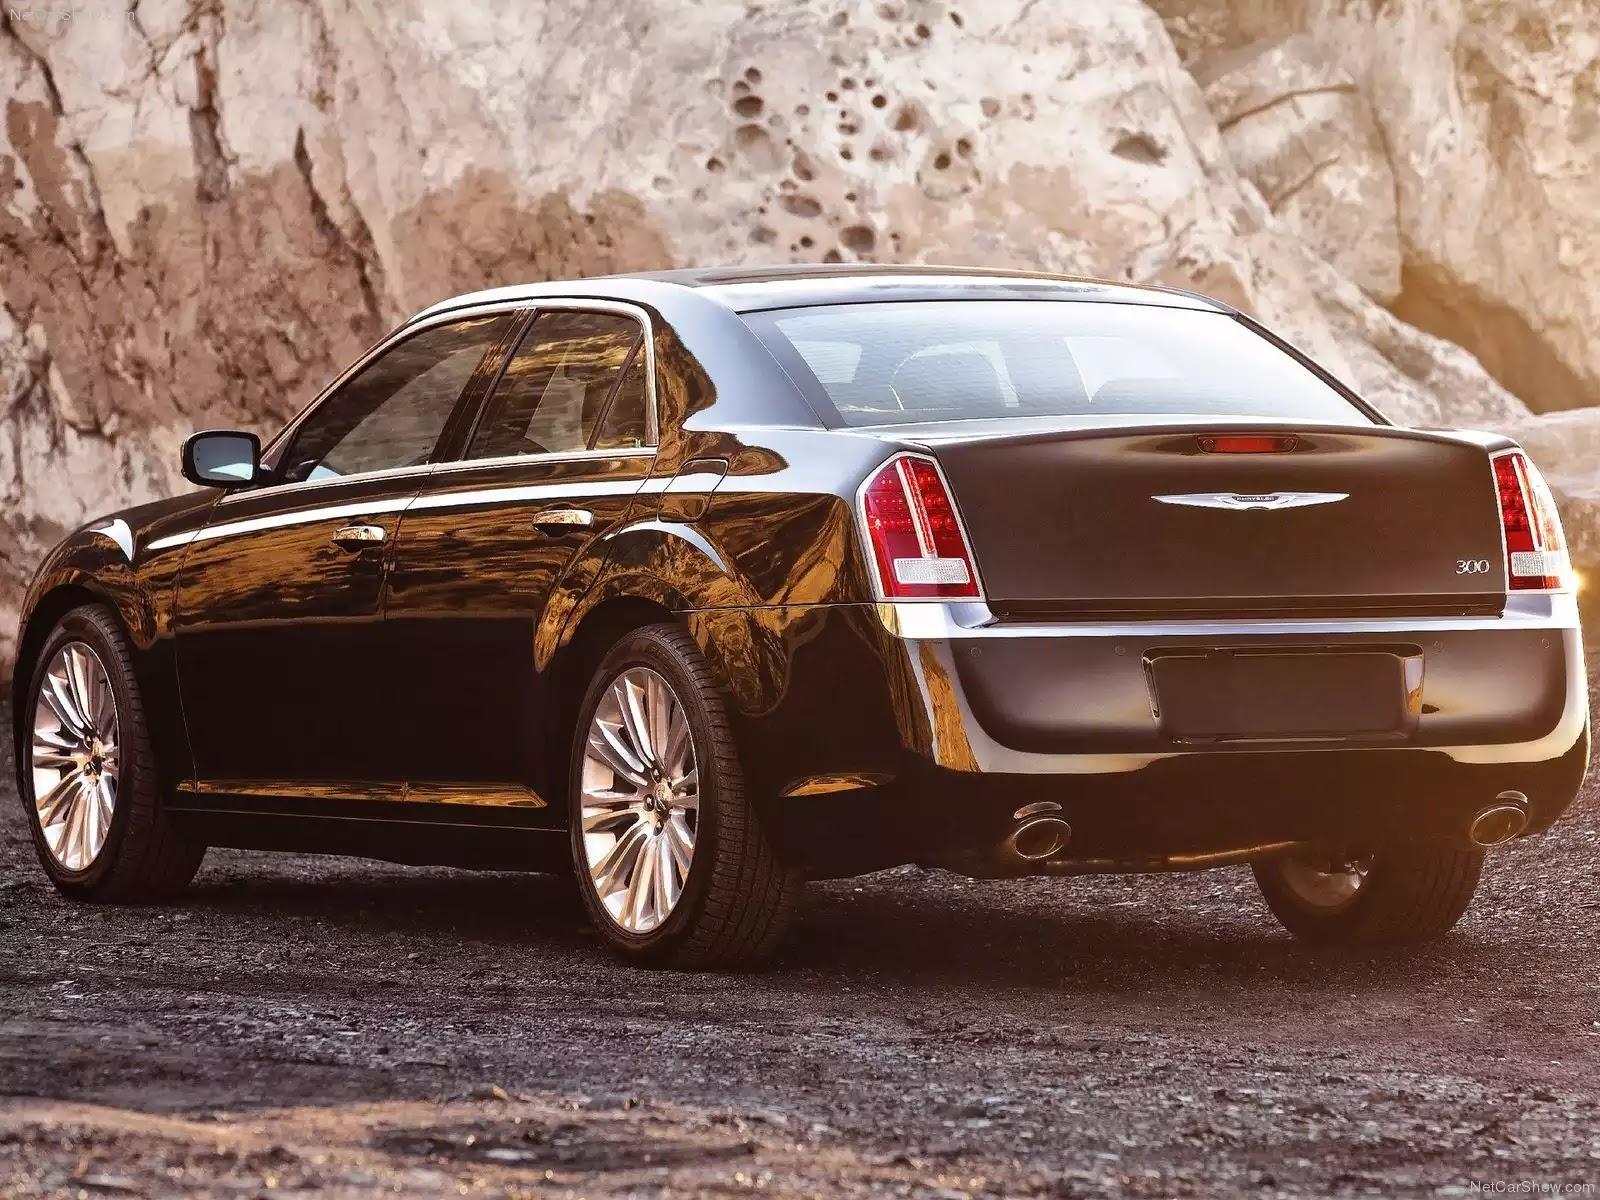 Hình ảnh xe ô tô Chrysler 300 2011 & nội ngoại thất